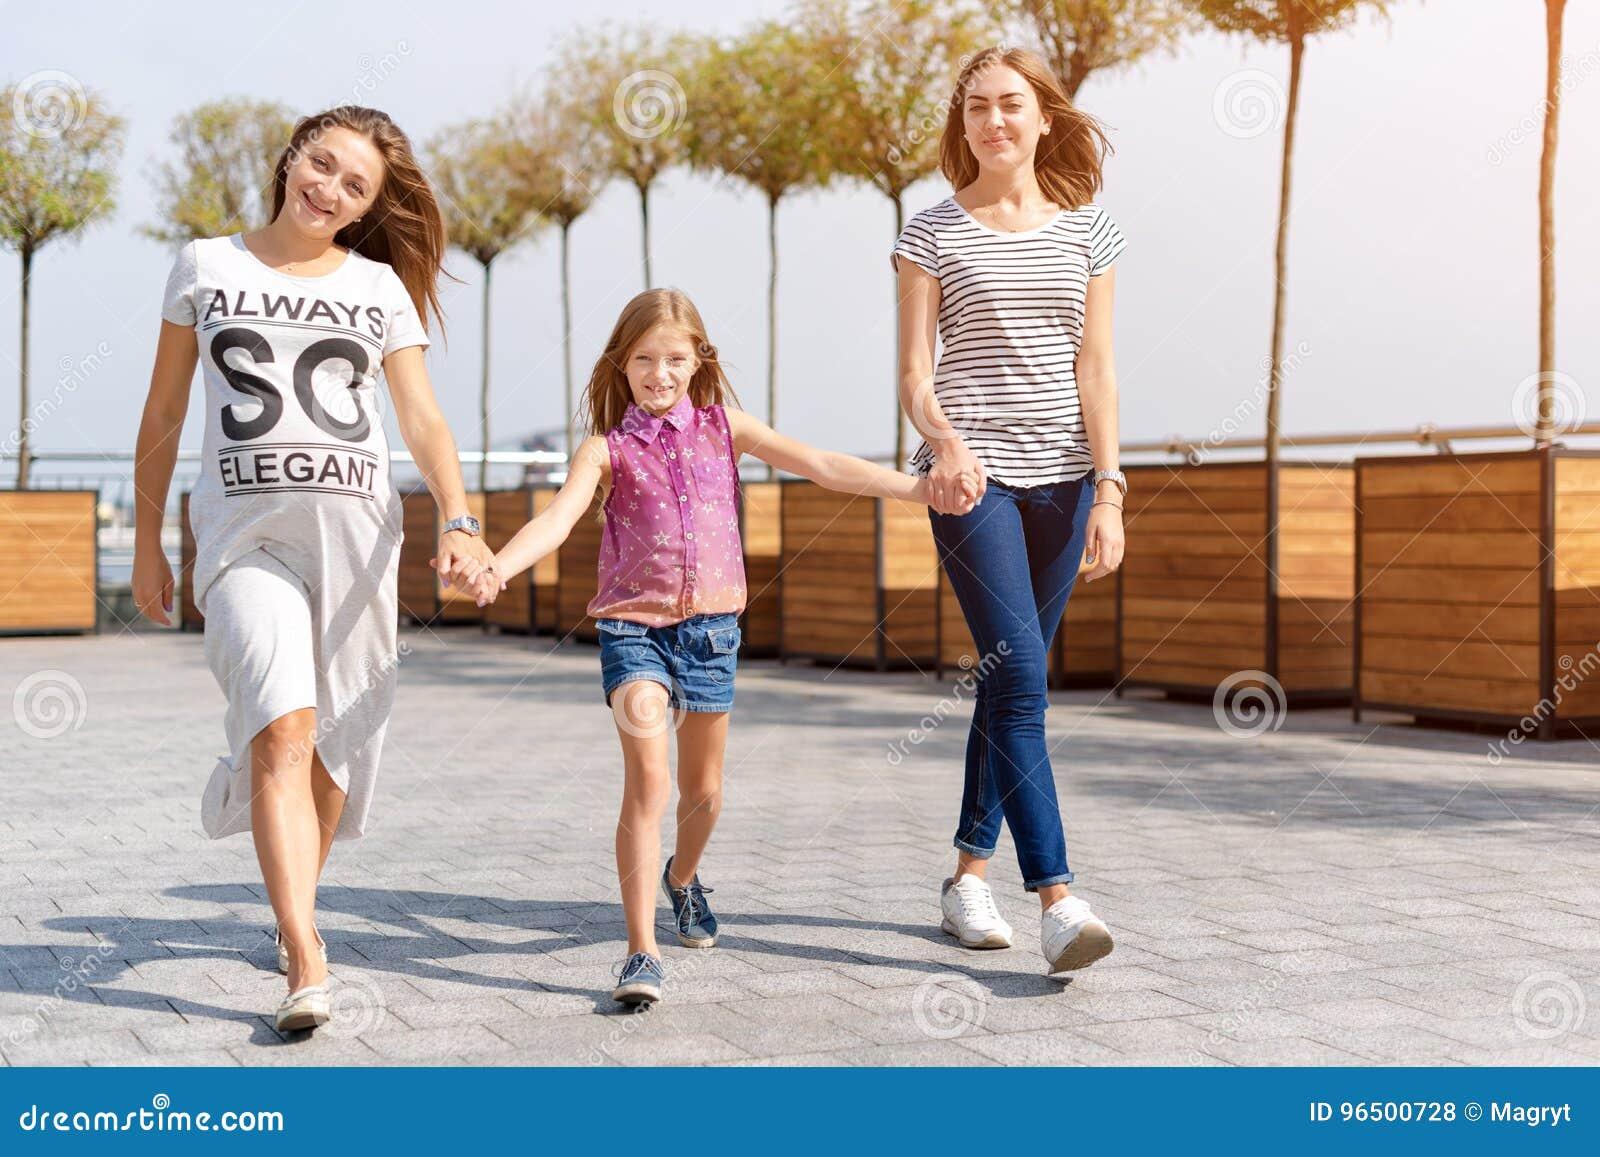 Gleichgeschlechtliche Lesbische Familie Mit Kind Auf Einem Weg Im ...